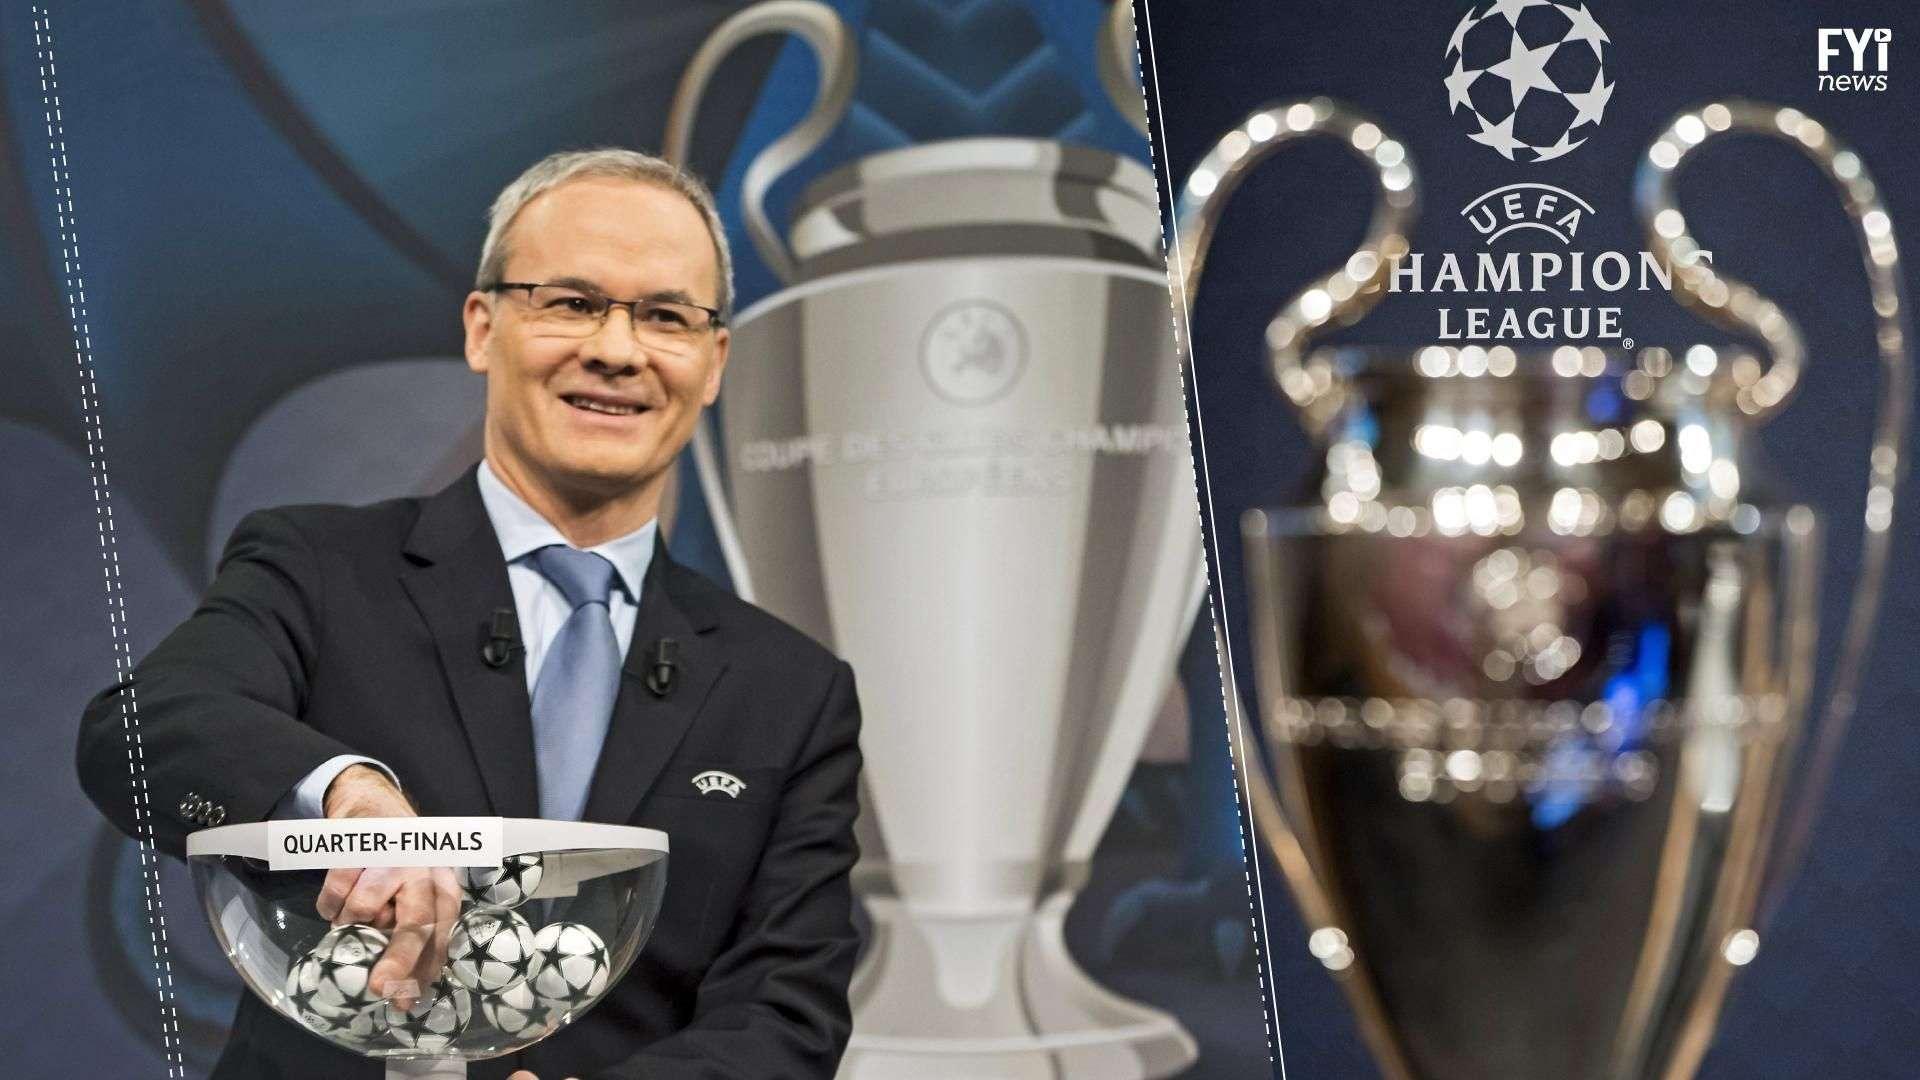 ¿Quiénes tienen más cancha en cuartos de final de la Champions League?